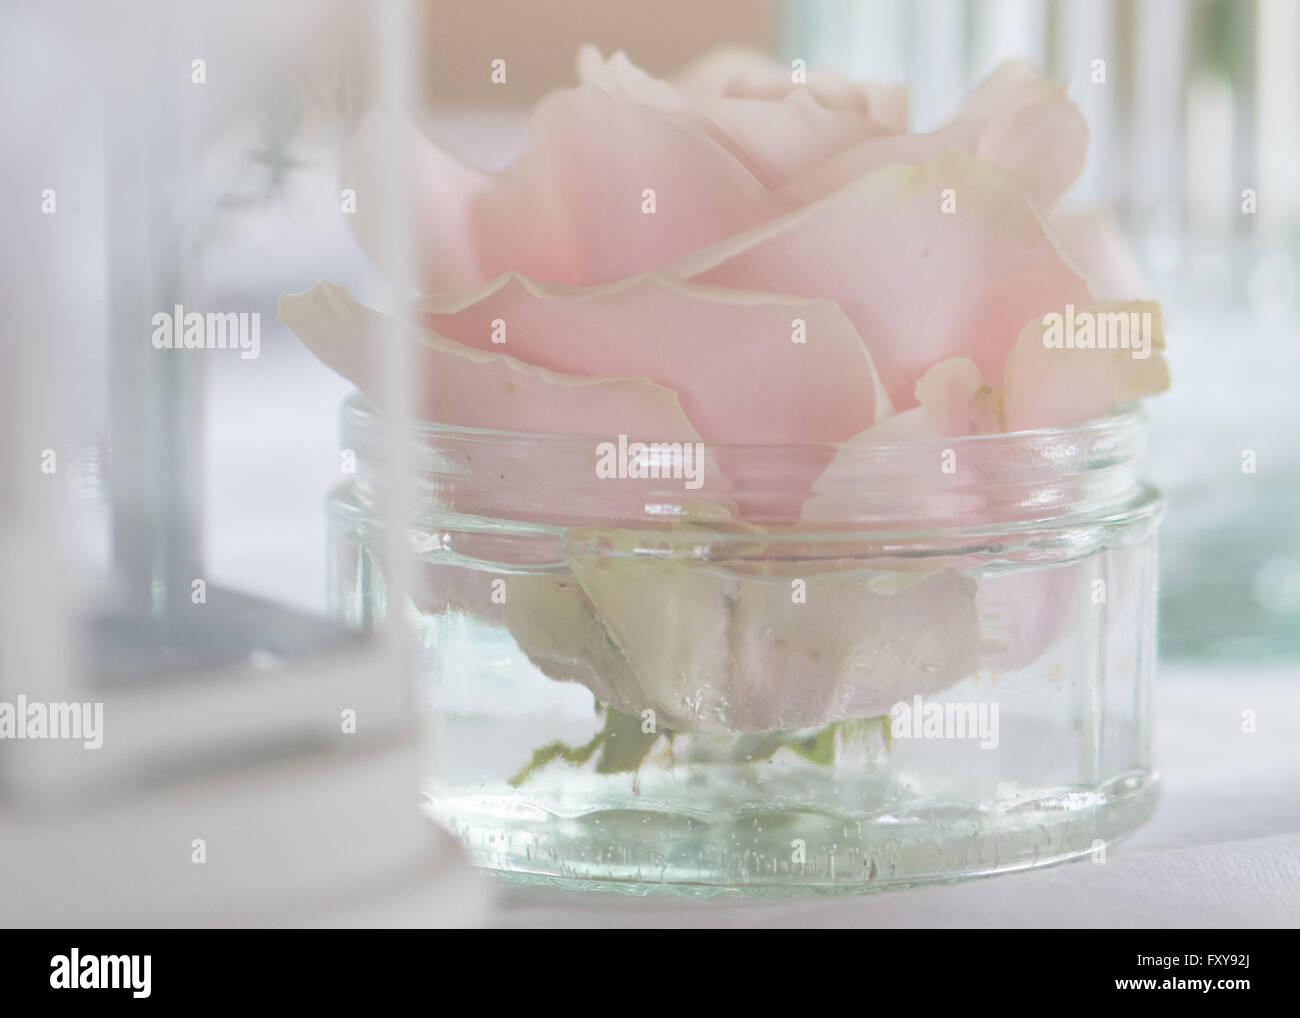 Di pastello pallido rosa rosa in un barattolo di vetro boho vintage fiori matrimonio tabella Accordi Immagini Stock